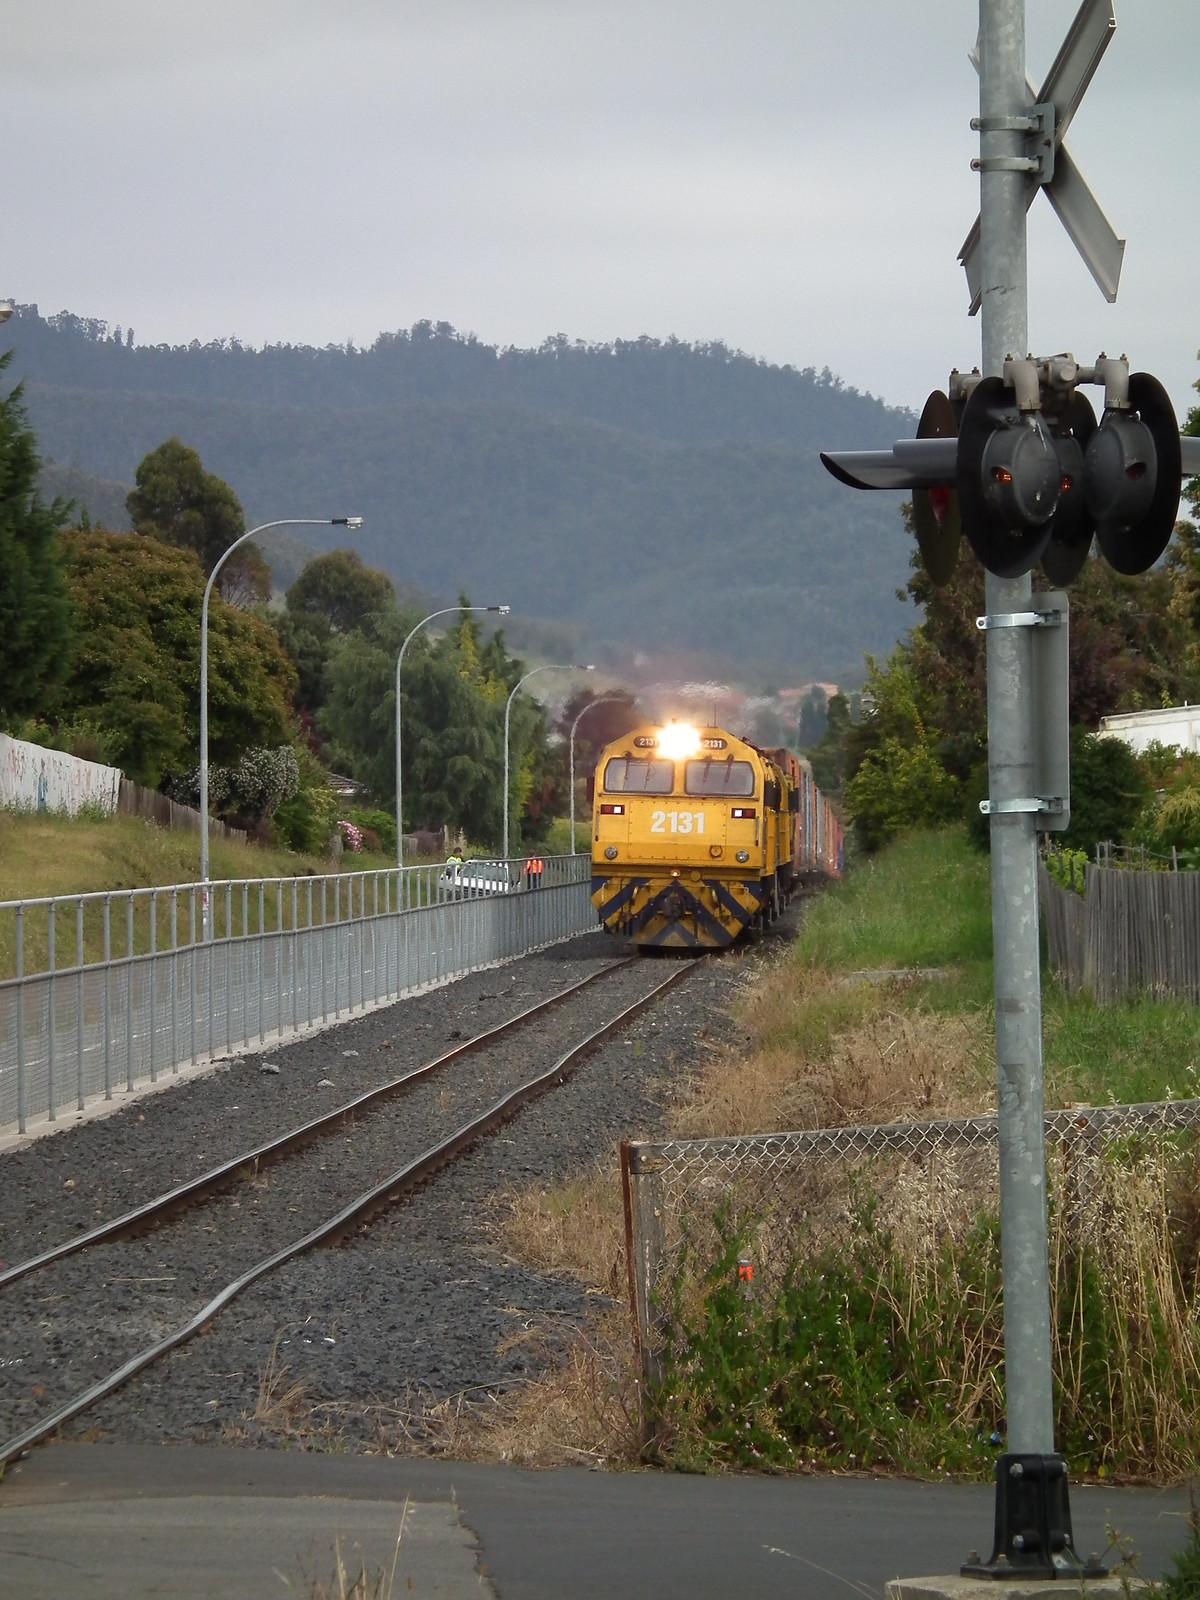 2011.12.22. 017 by Trainiac